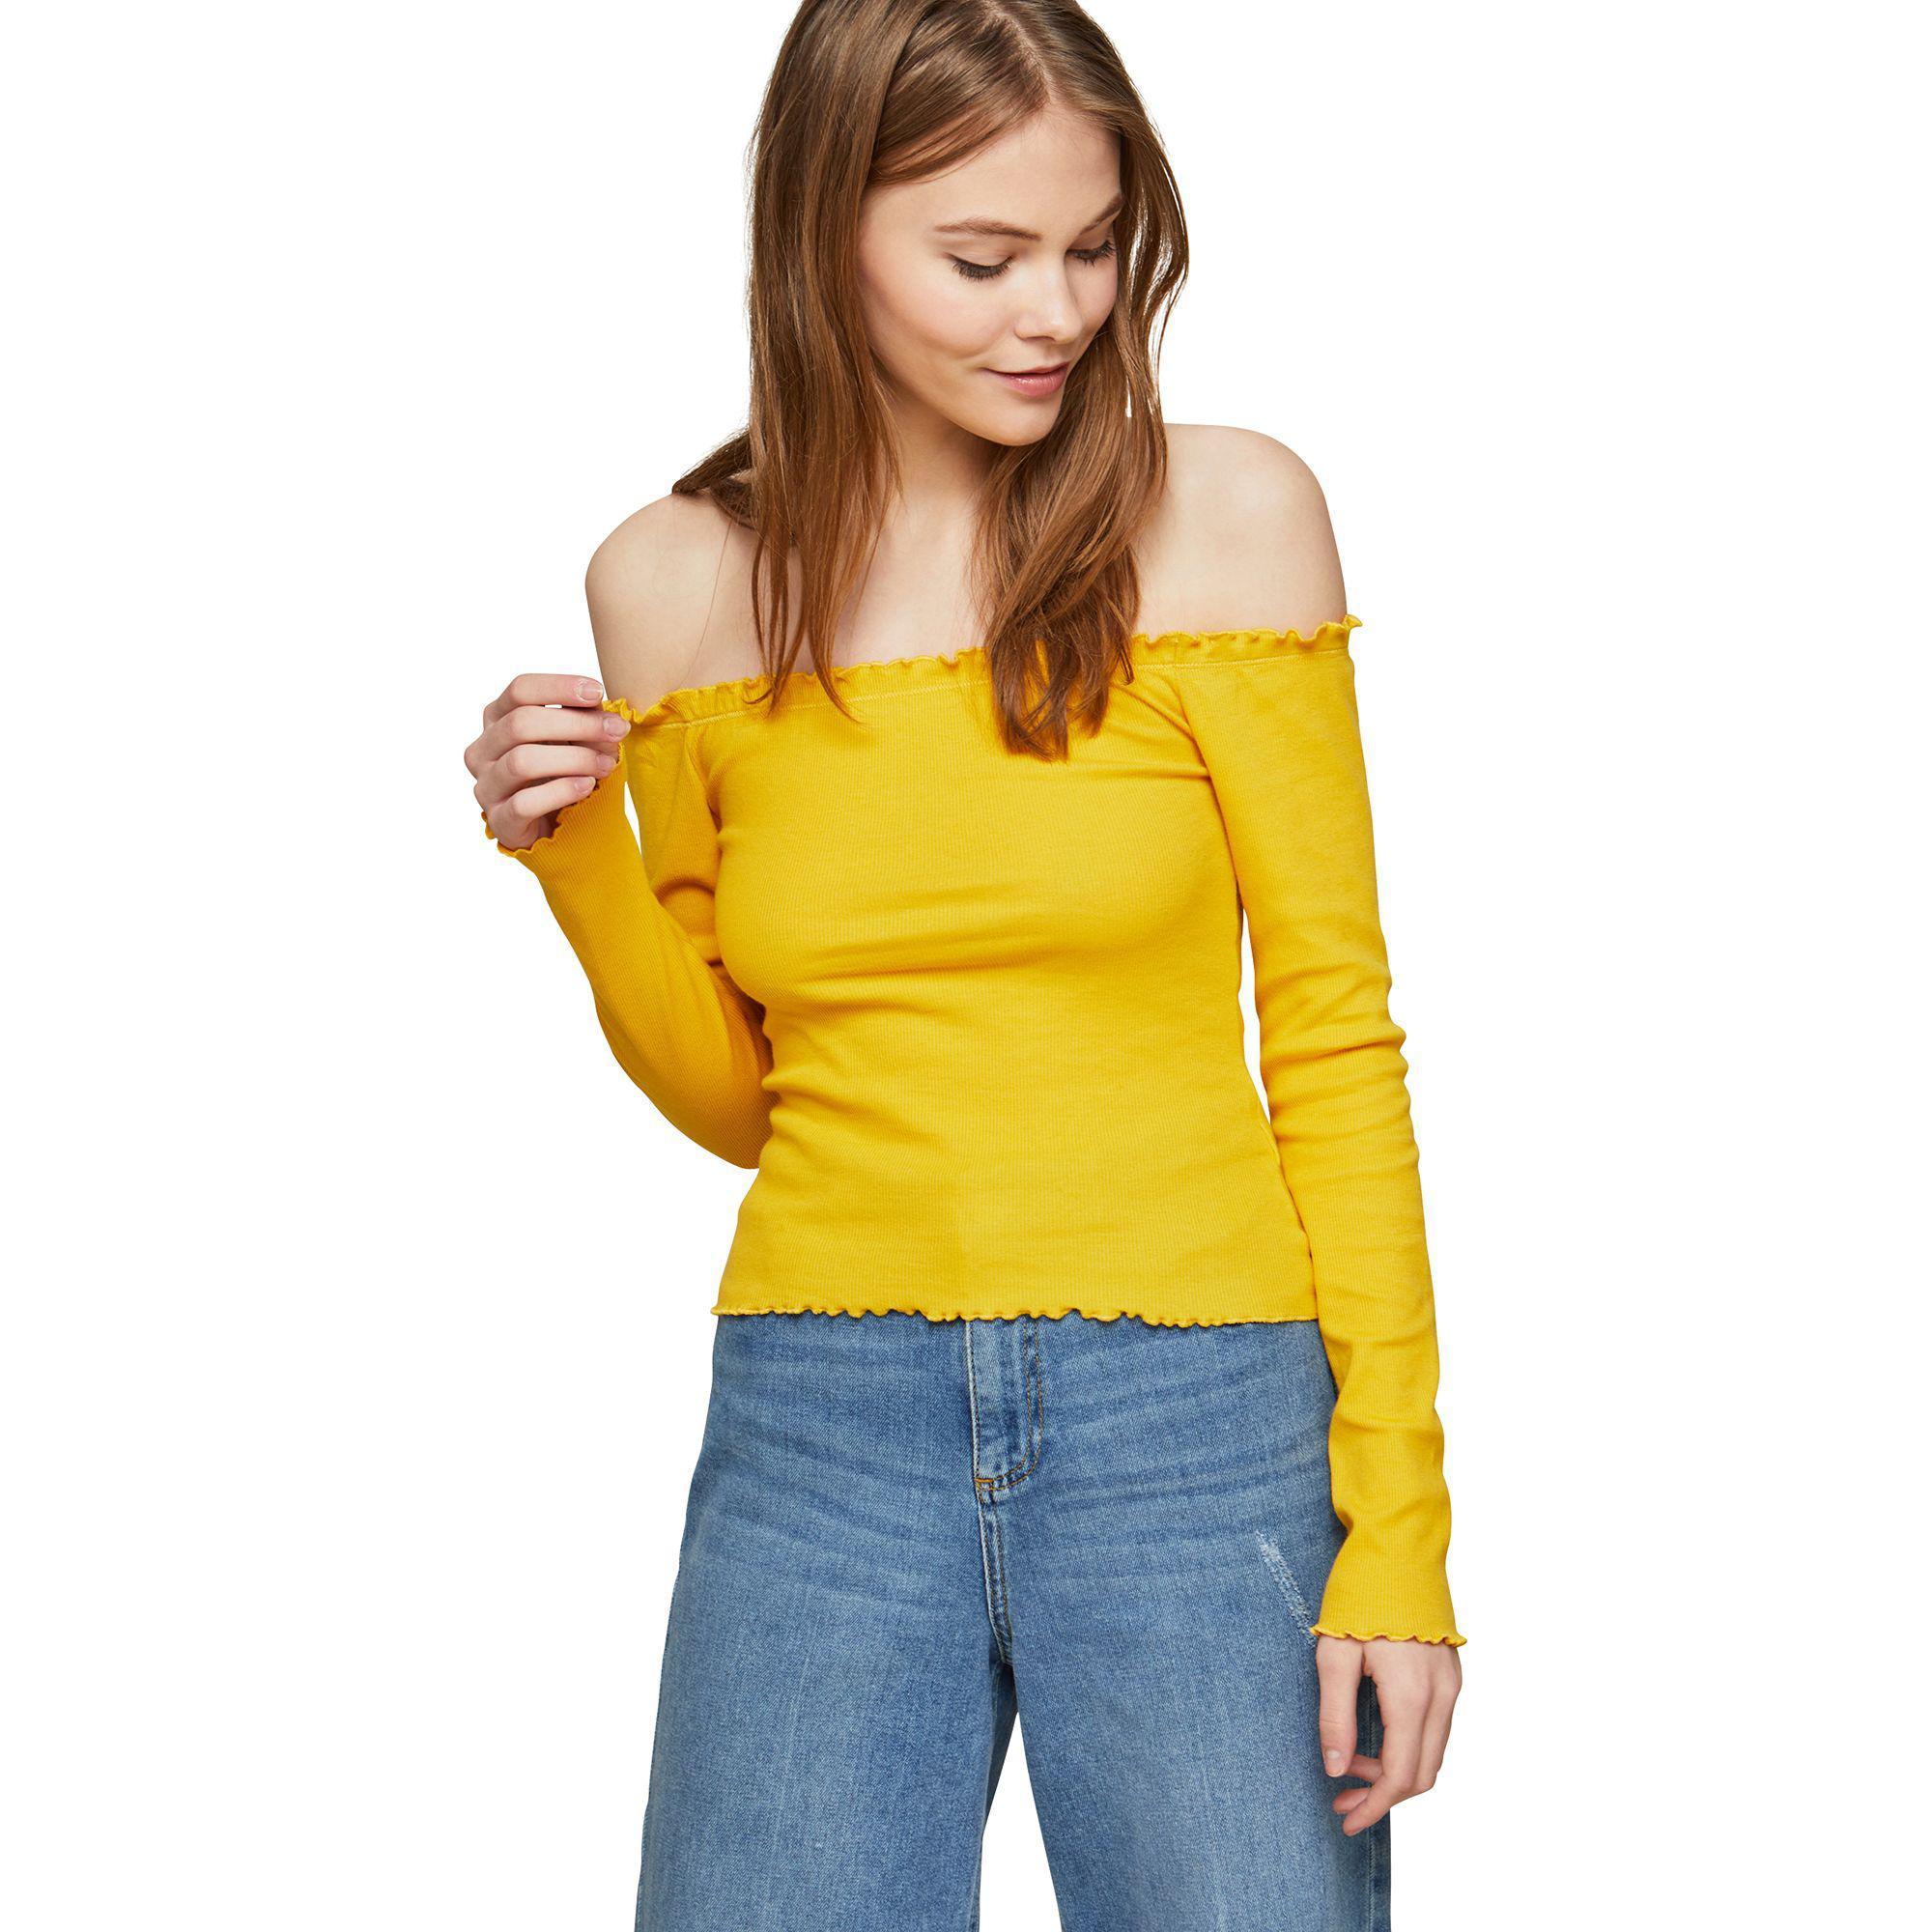 1f2394bd8c5 Miss Selfridge Long Sleeve Lettuce Bardot Top in Yellow - Lyst